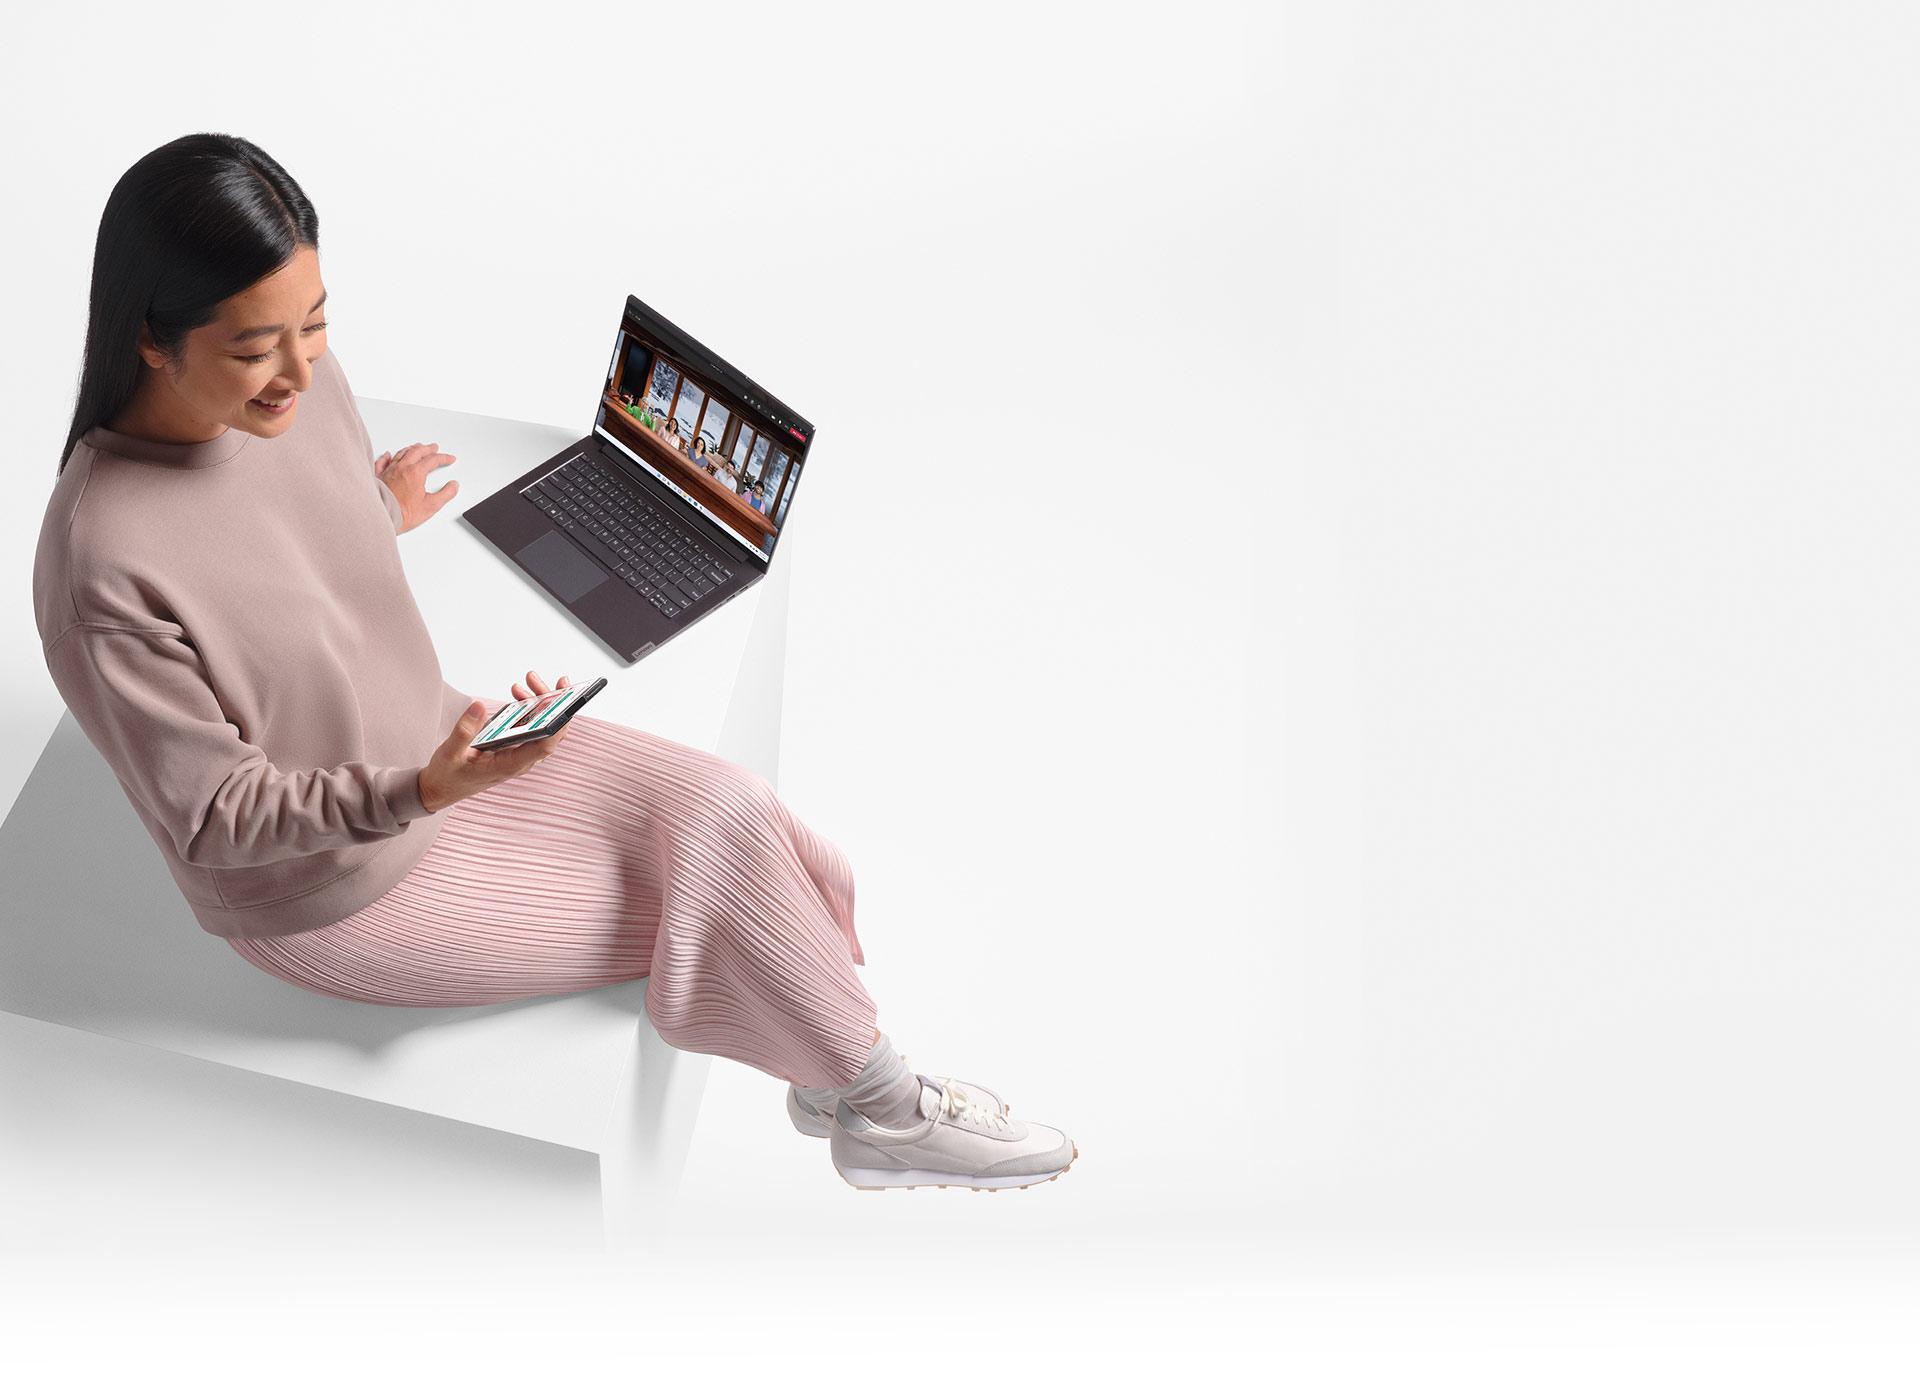 Bilgisayarın yanında oturan kadın telefonuna bakarak gülümsüyor